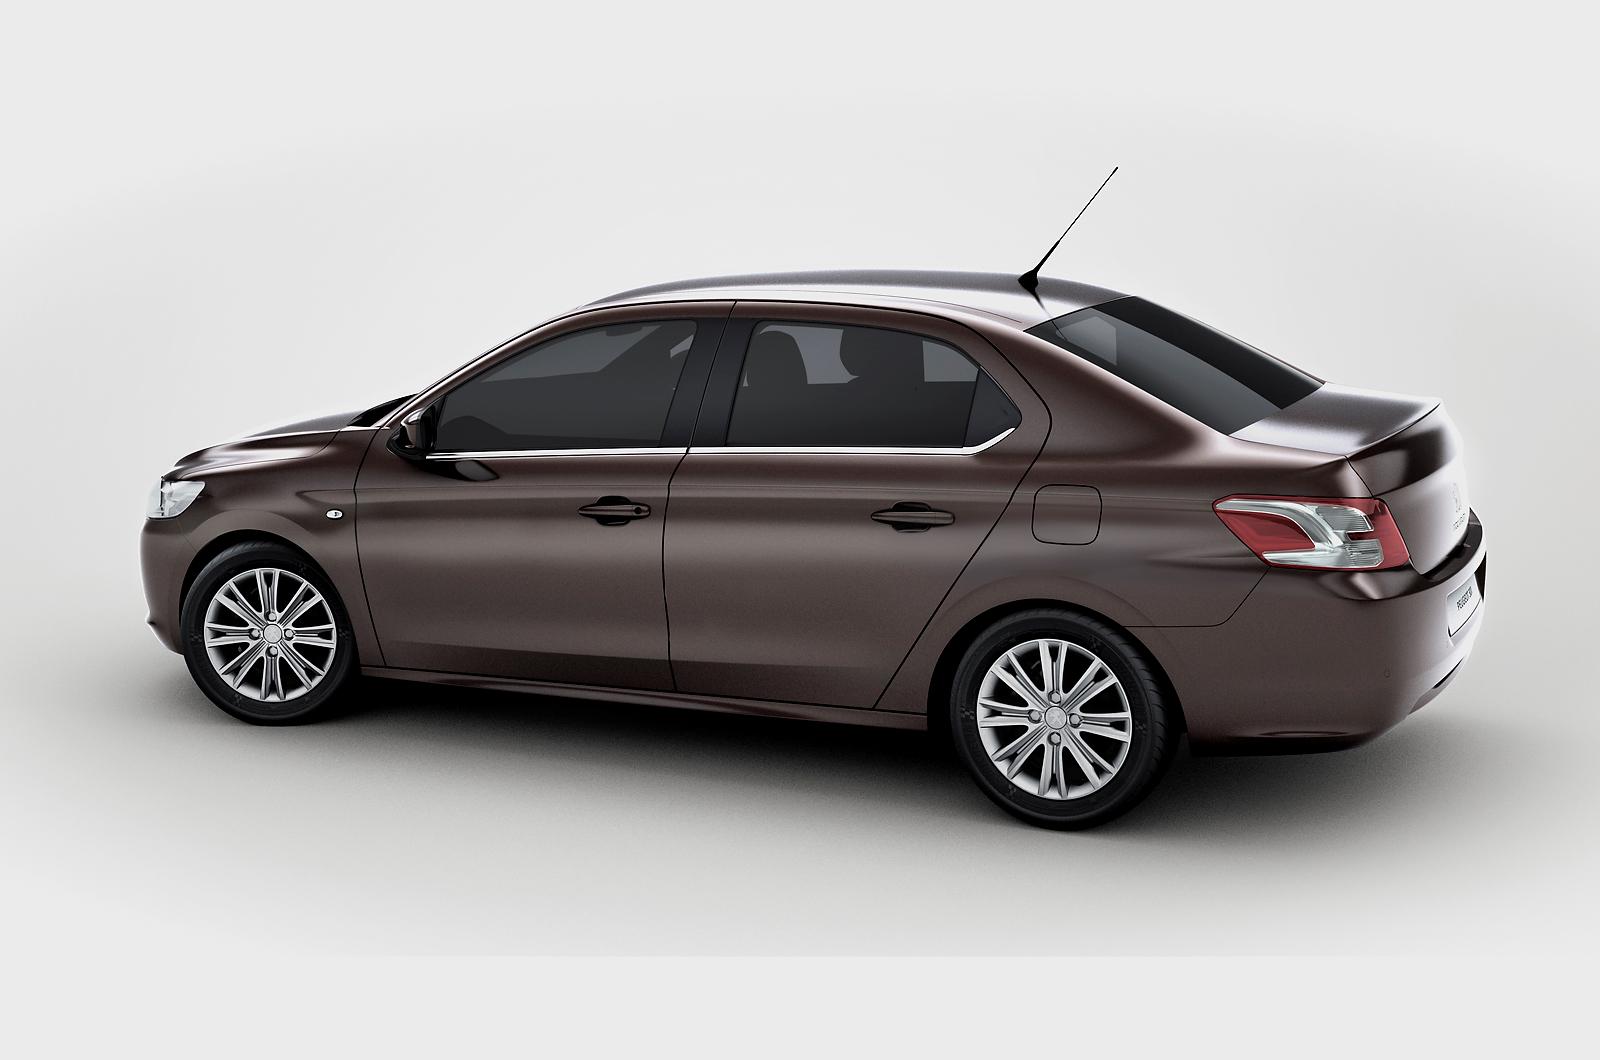 Седан Peugeot (Пежо) 301 покинет рынок России